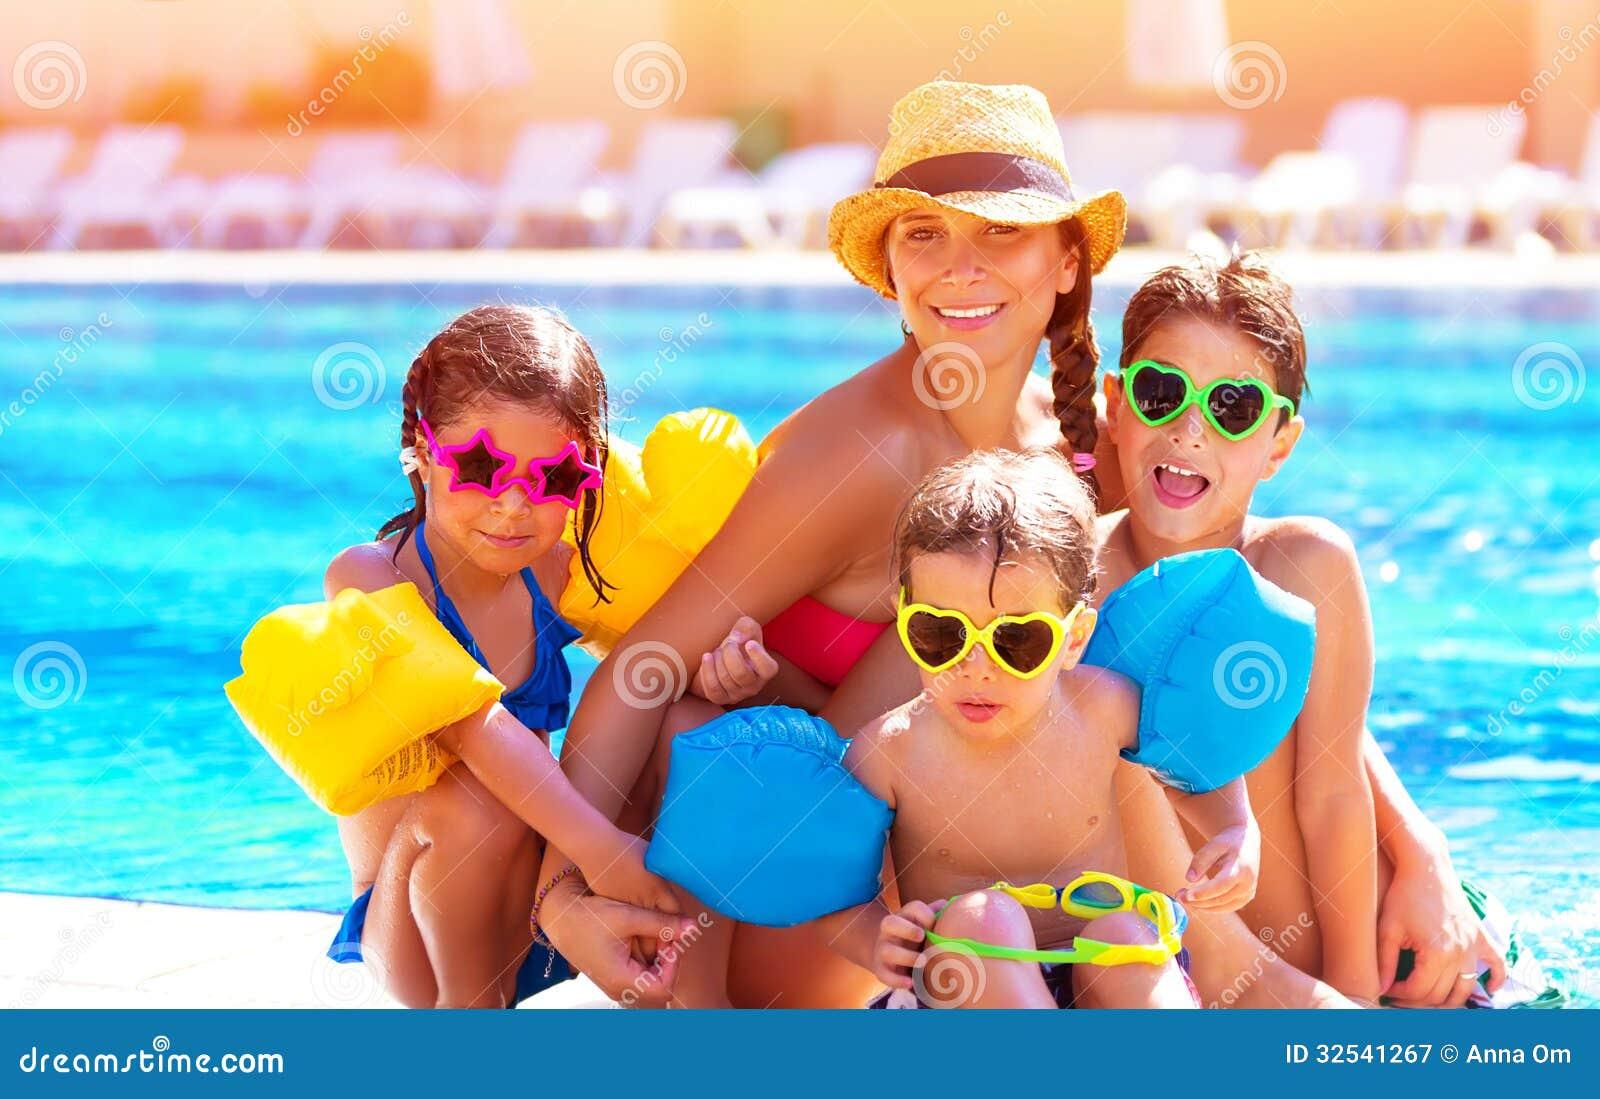 Szczęśliwa rodzina przy basenem